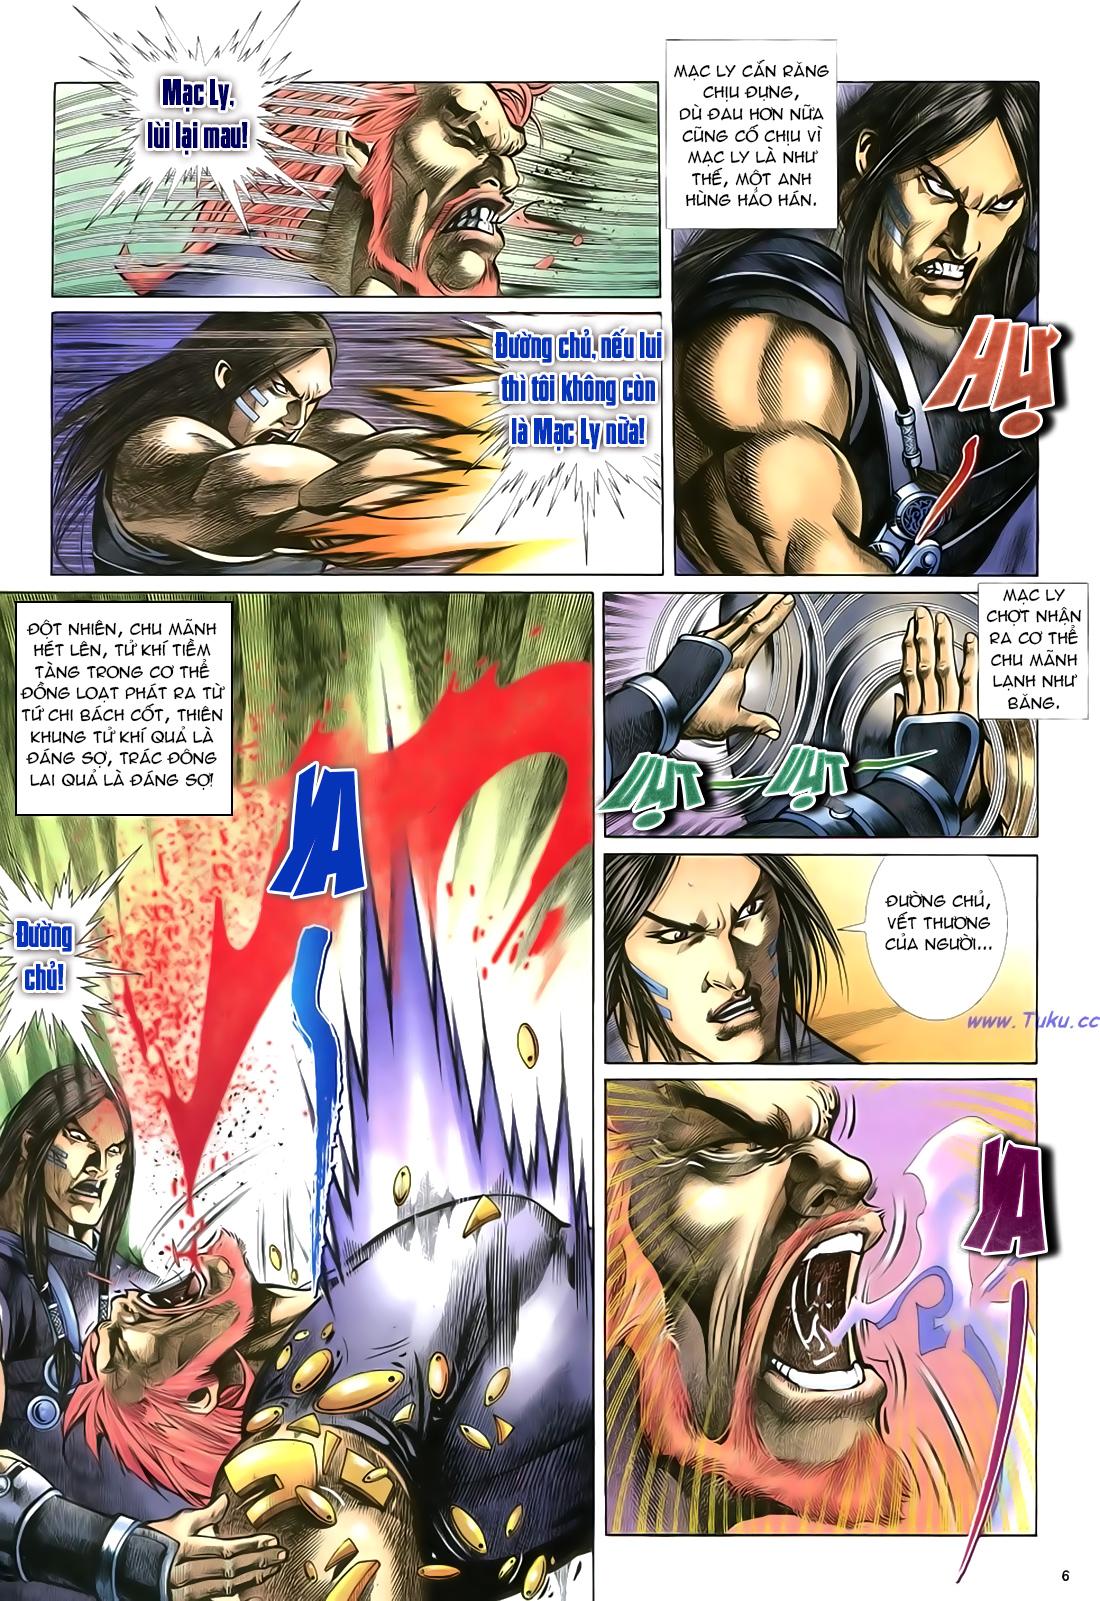 Anh hùng vô lệ Chap 23 trang 7